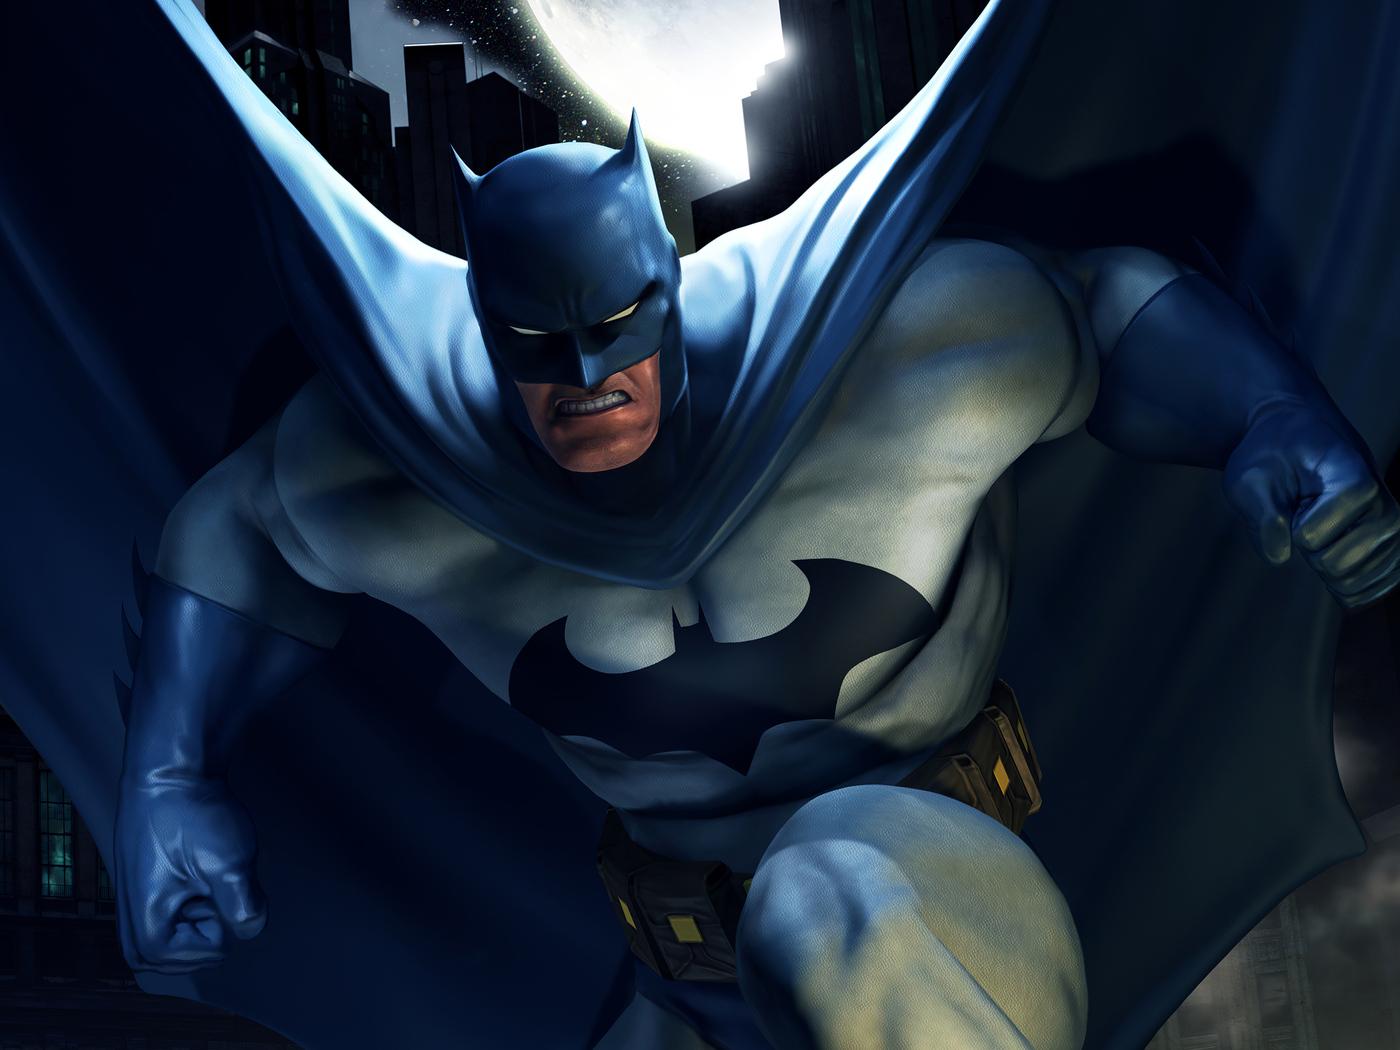 dc-universe-batman-uy.jpg